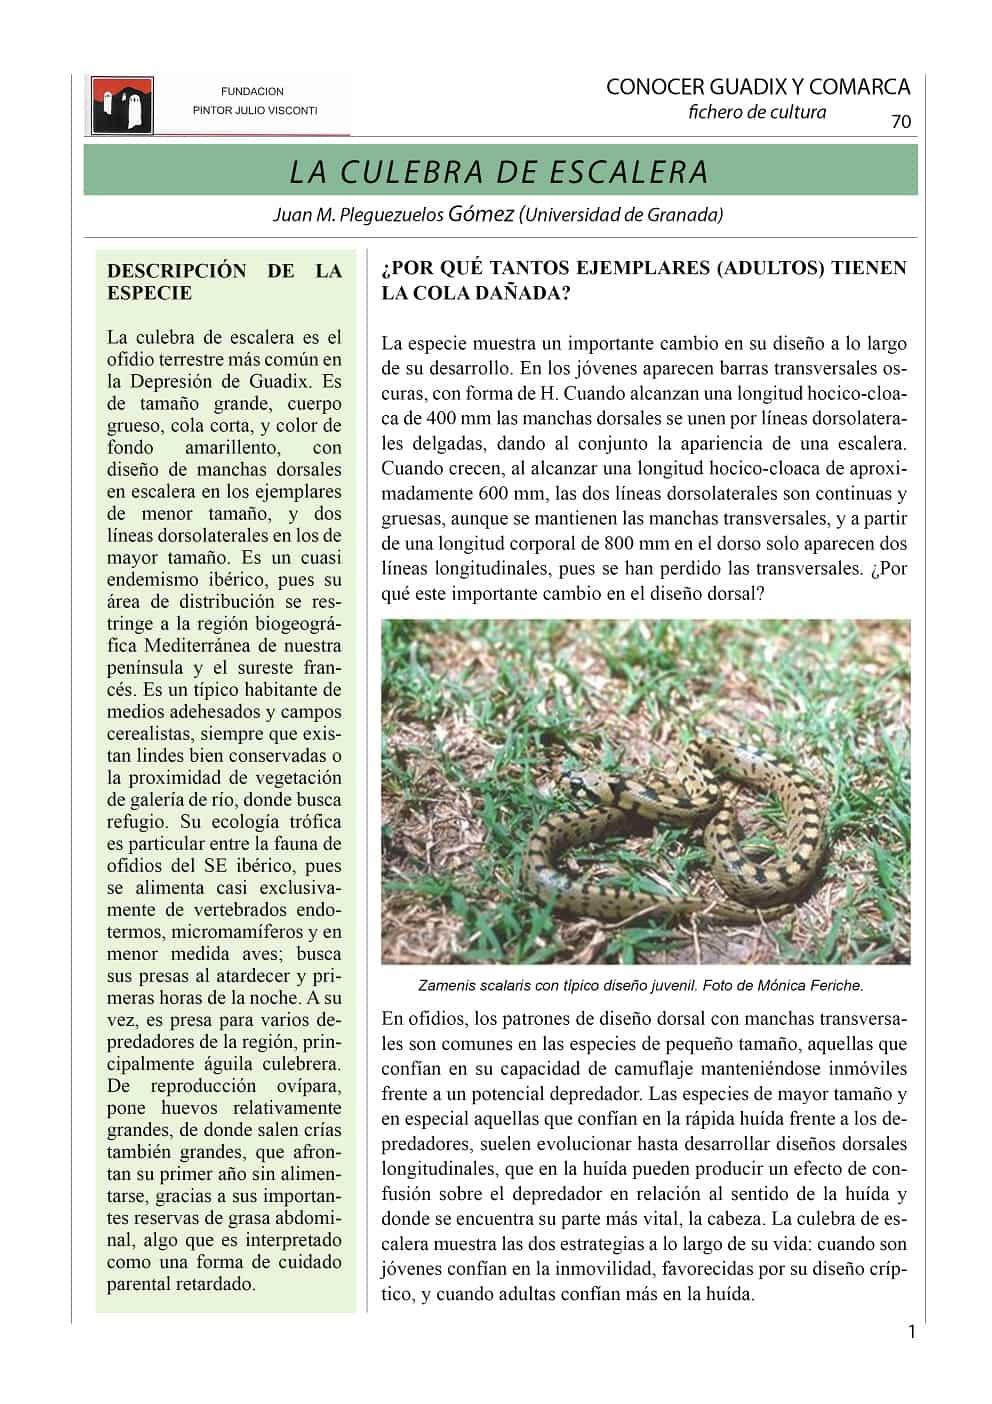 LA CULEBRA DE ESCALERA 1-min